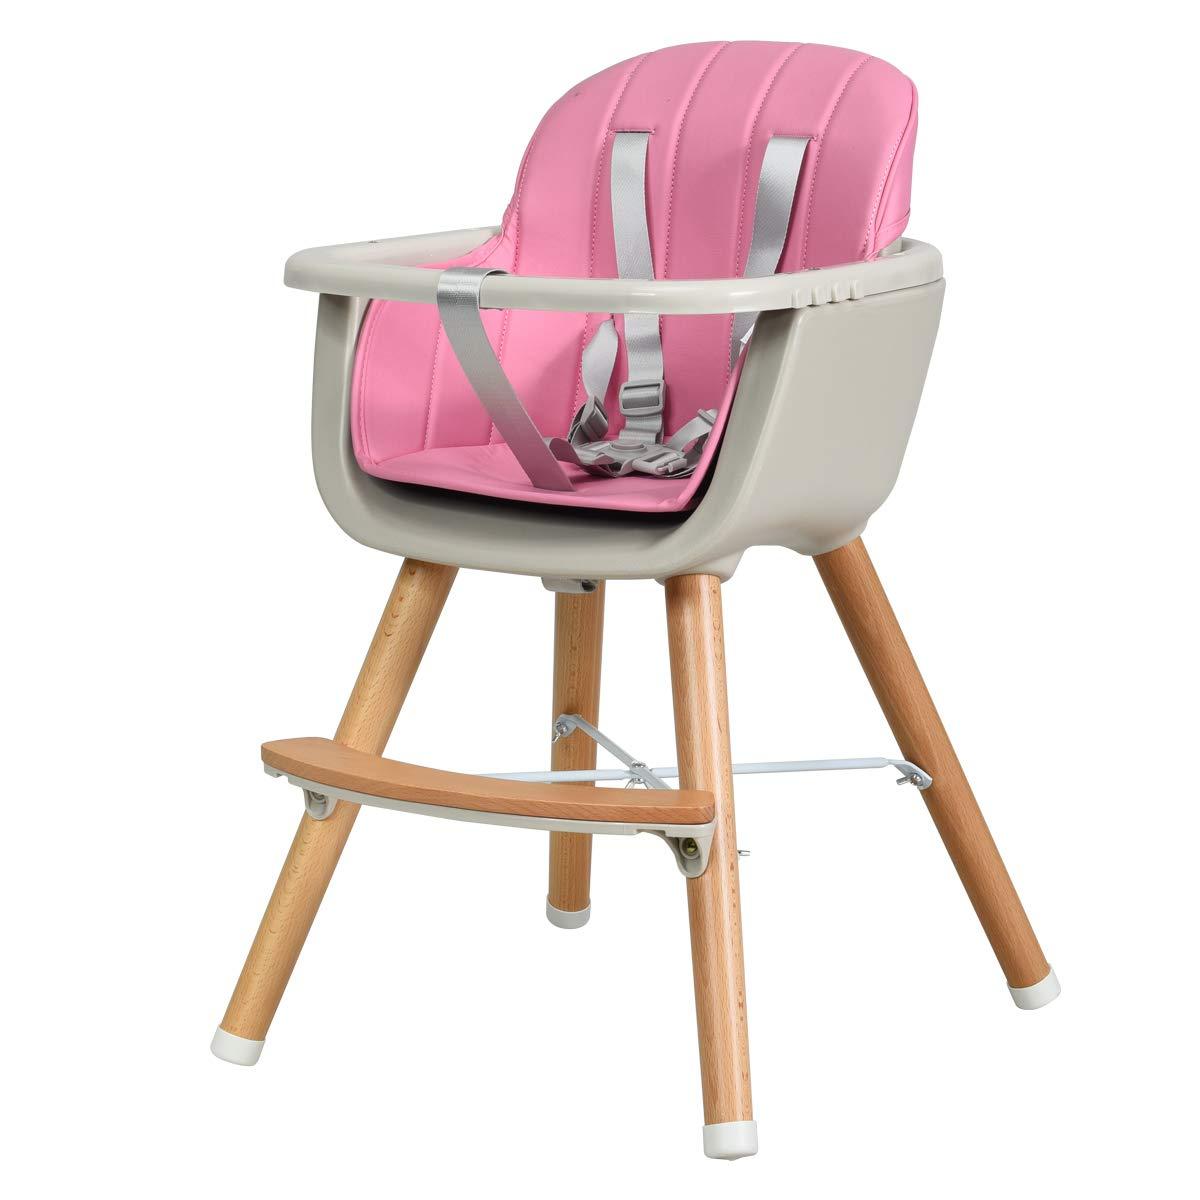 Rosa Kinderhochstuhl mit 5-Punkt Sicherheitsgurt GOPLUS Babyhochstuhl Holz Treppenhochstuhl Baby-F/ütterungsstuh Kombihochstuhl Holzhochstuhl Kinder